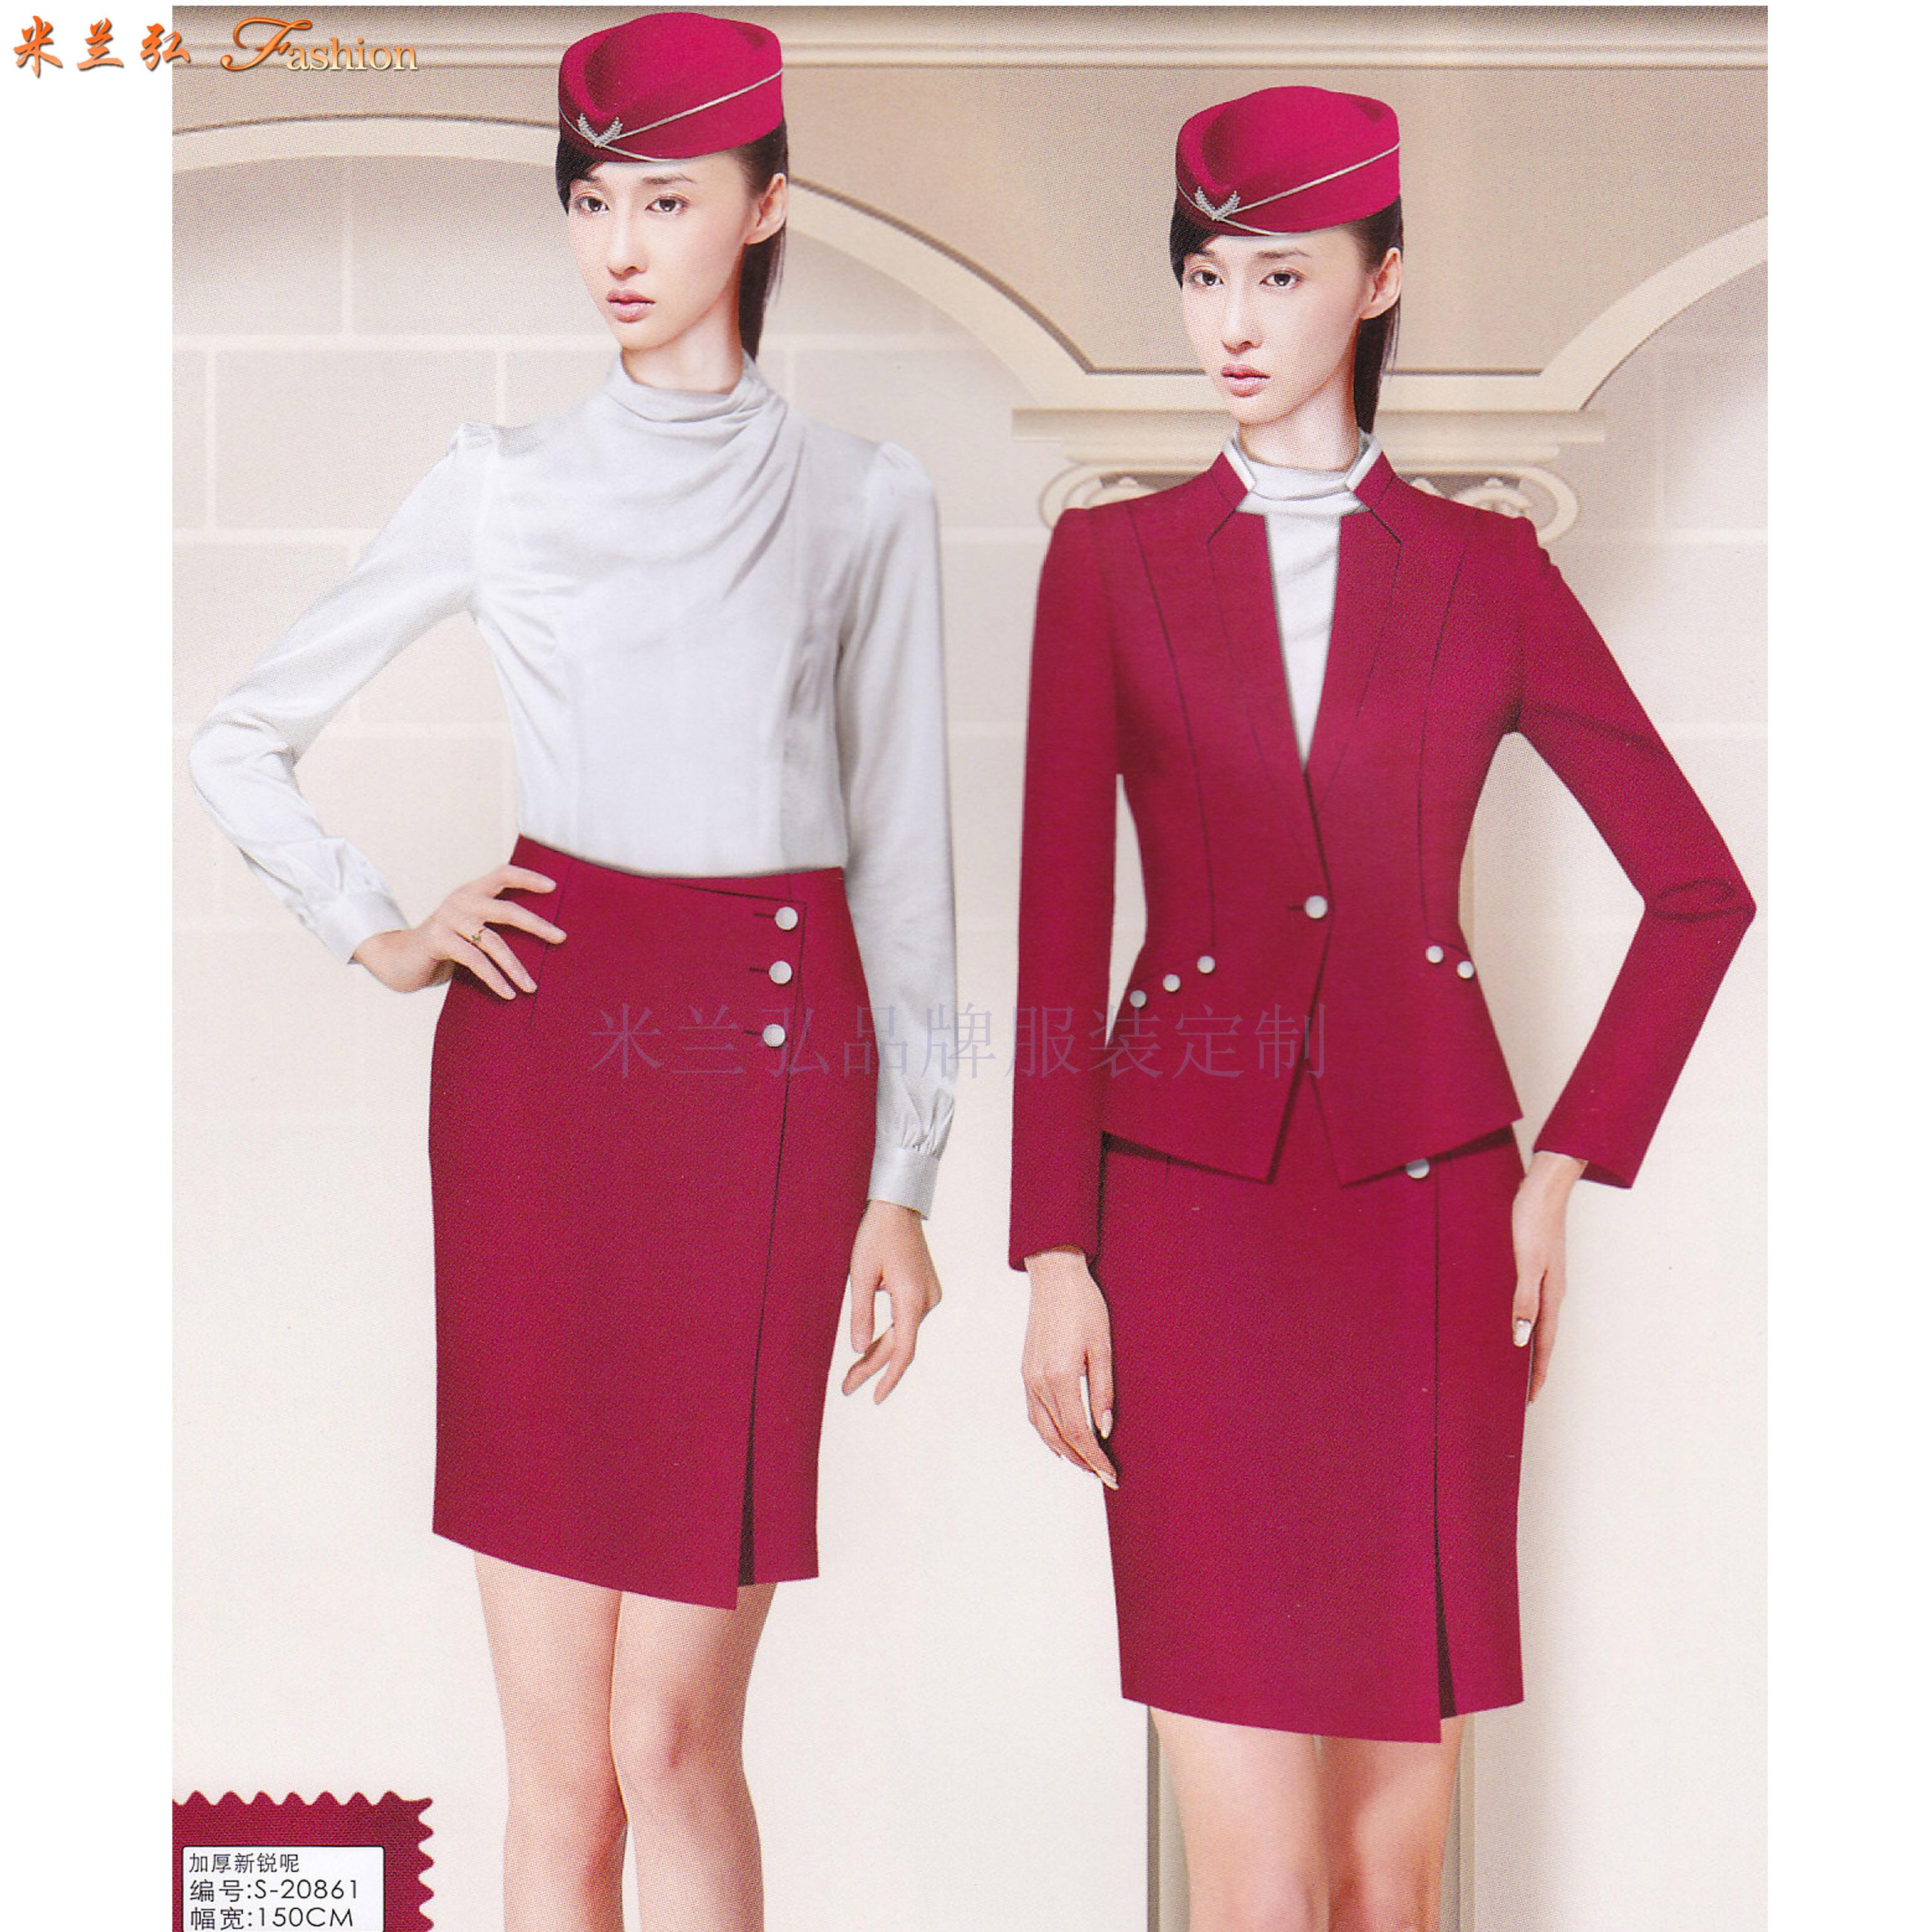 「航空服裝定制」「航空制服定做」「航空乘務服訂制」-5